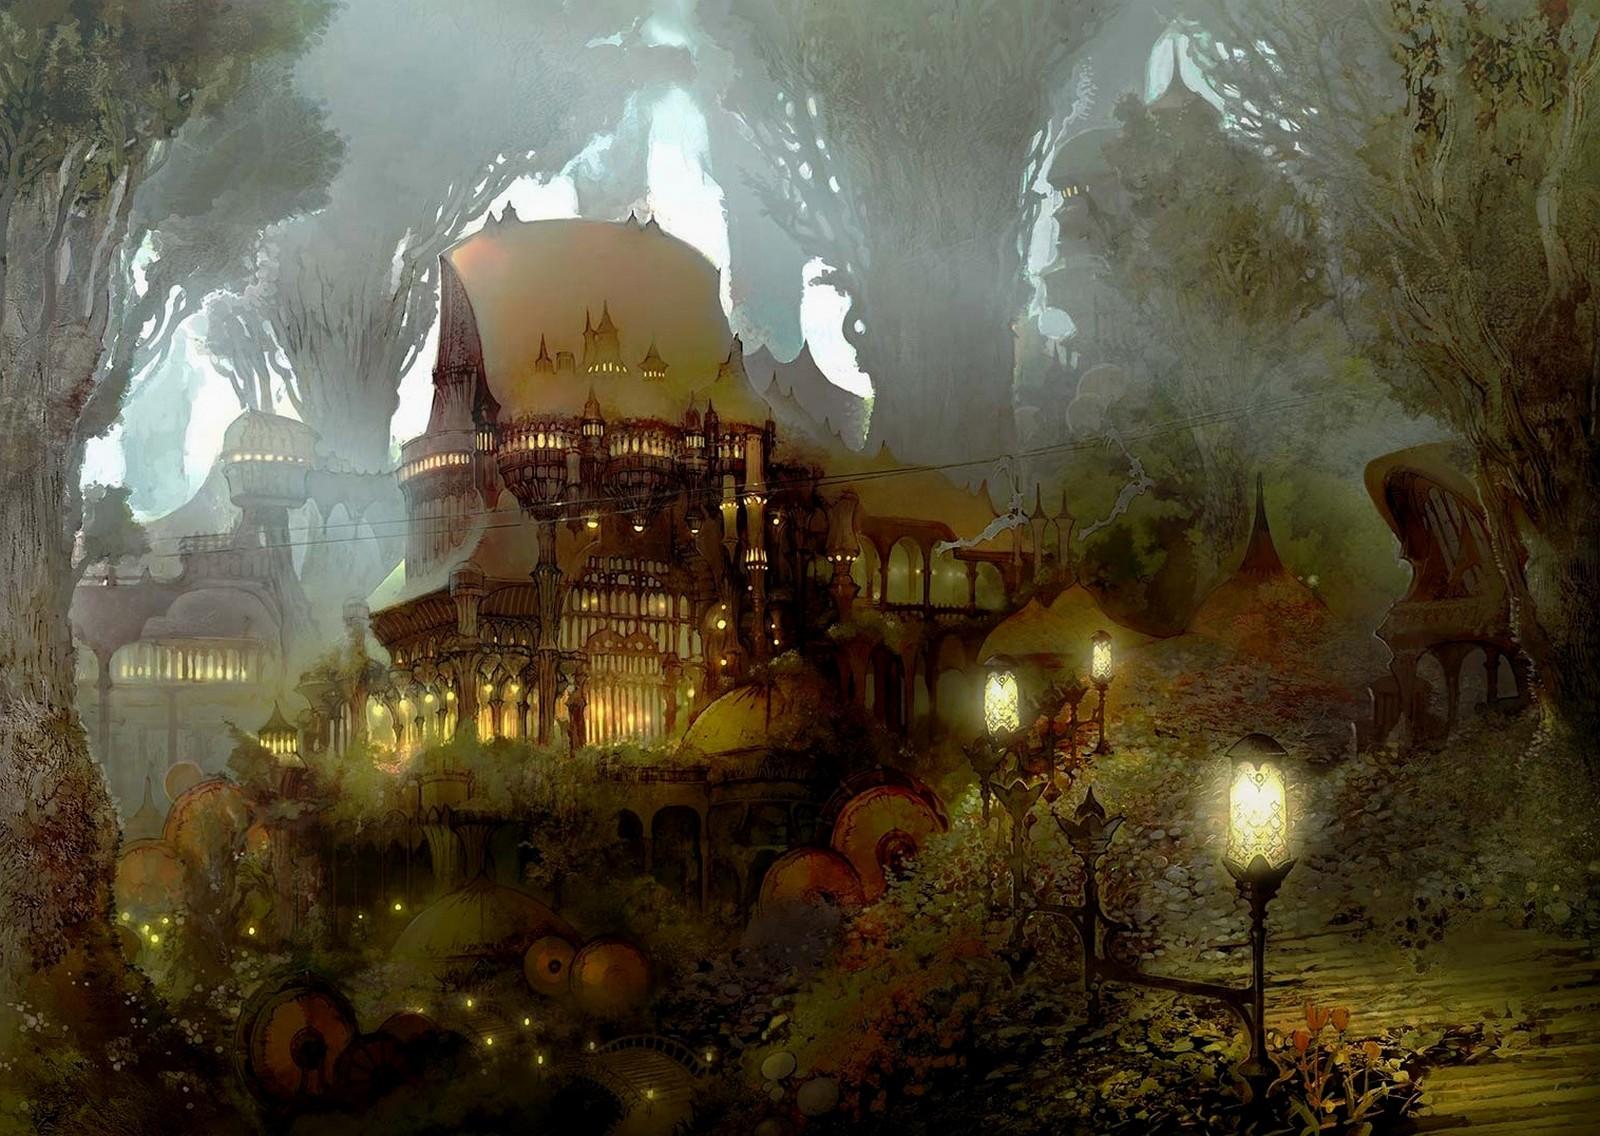 В дремучем лесу среди высоких и старых елей и деревьев стоял маленький домик.